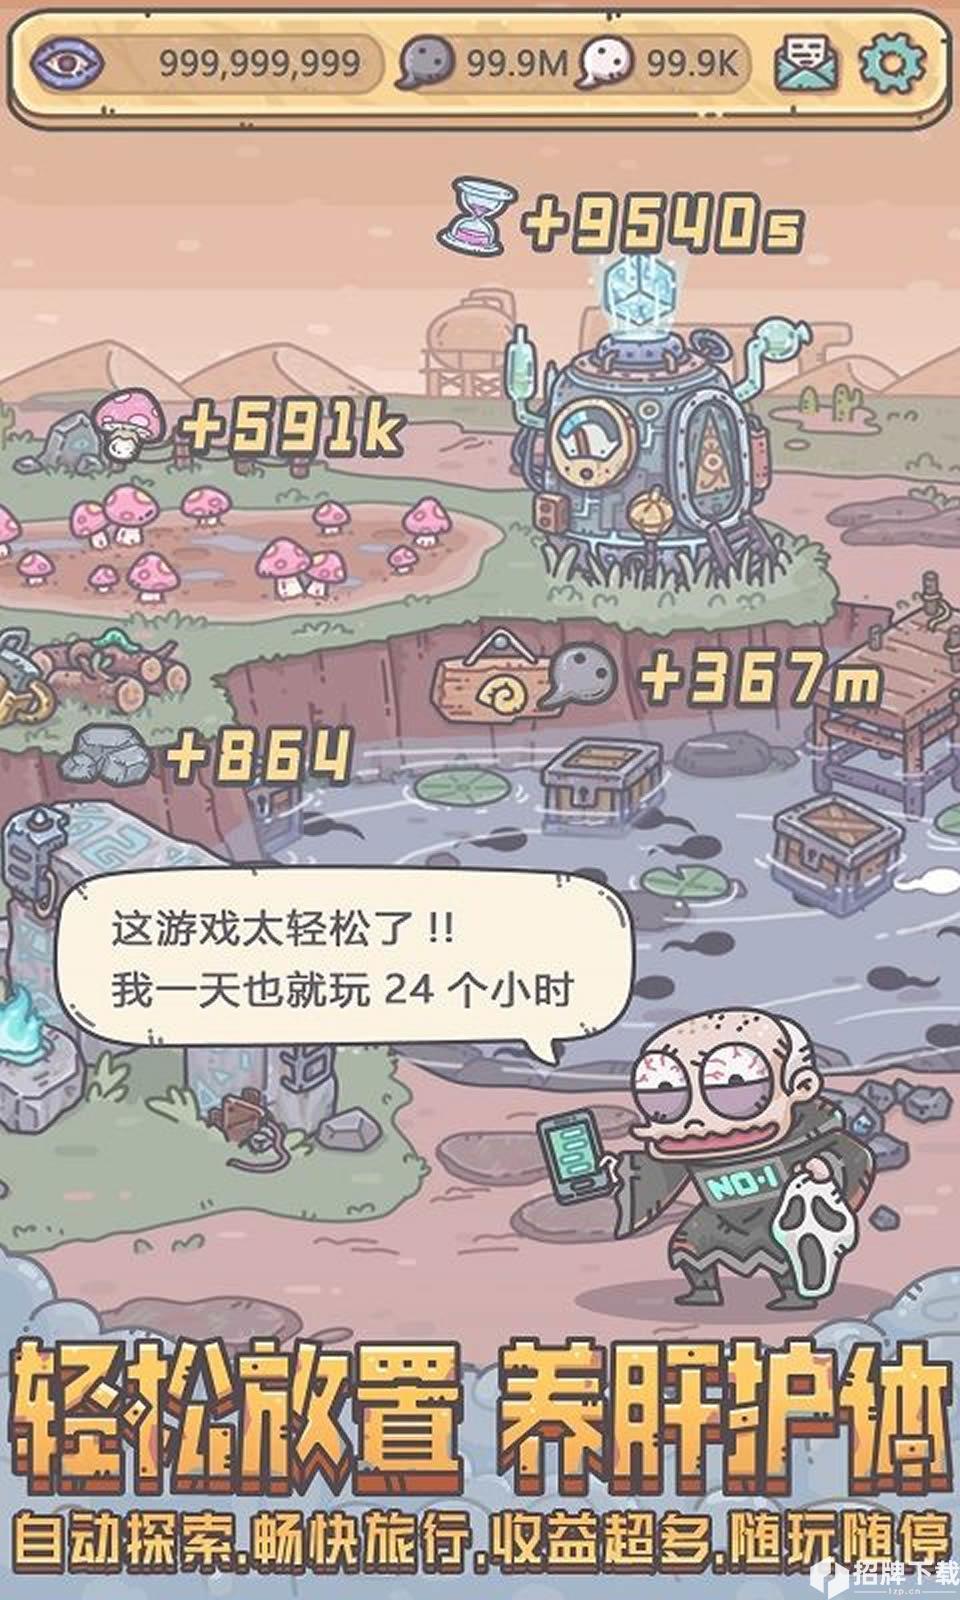 最强蜗牛(官方版)手游下载_最强蜗牛(官方版)手游最新版免费下载